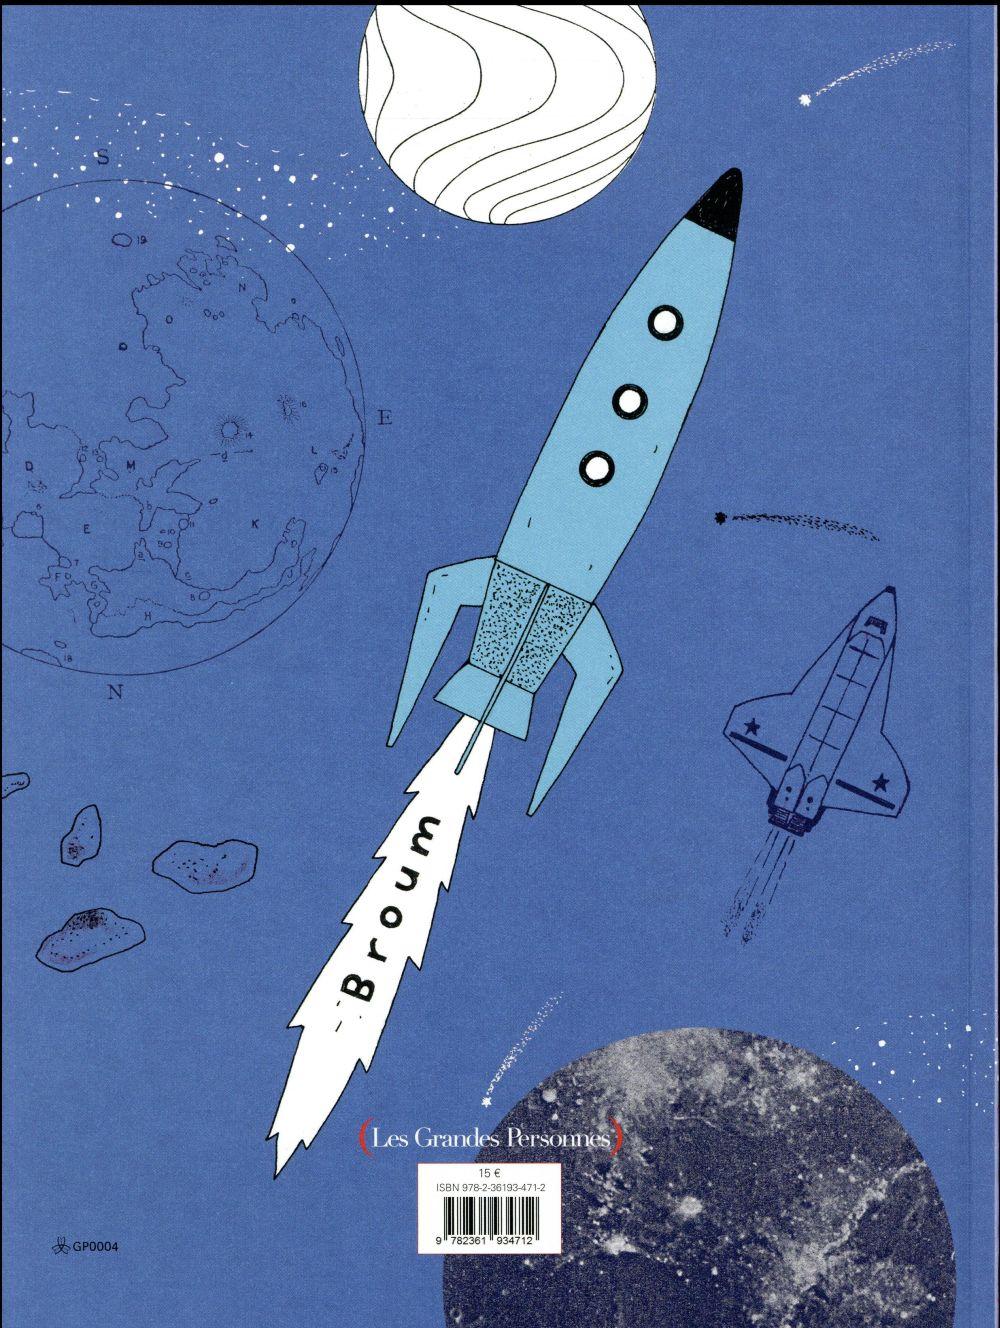 tout sur l'espace ; apprendre, comprendre, dessiner